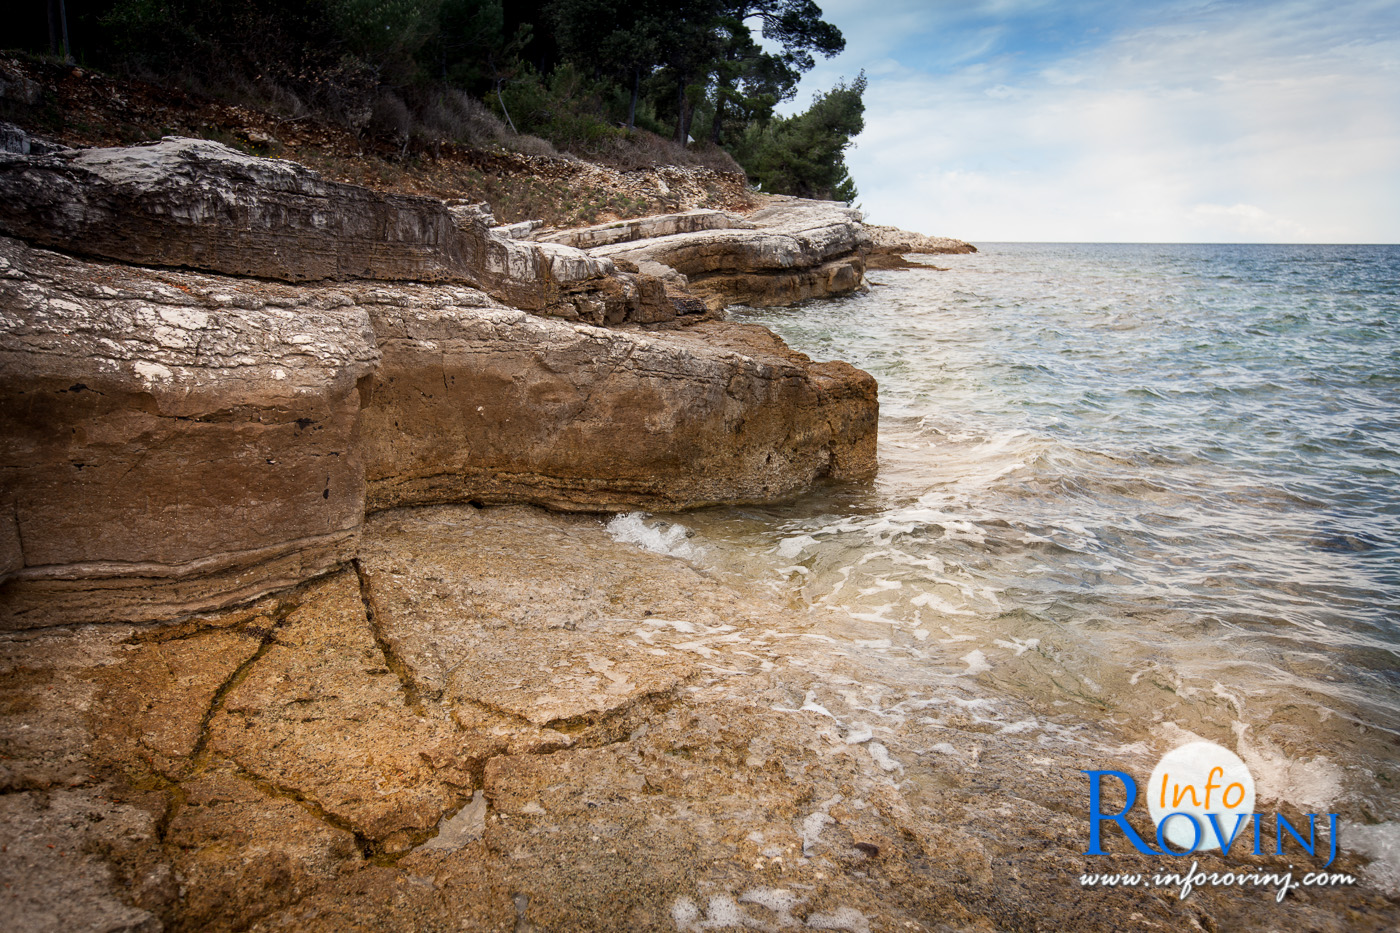 schönste fels badebuchten in kroation